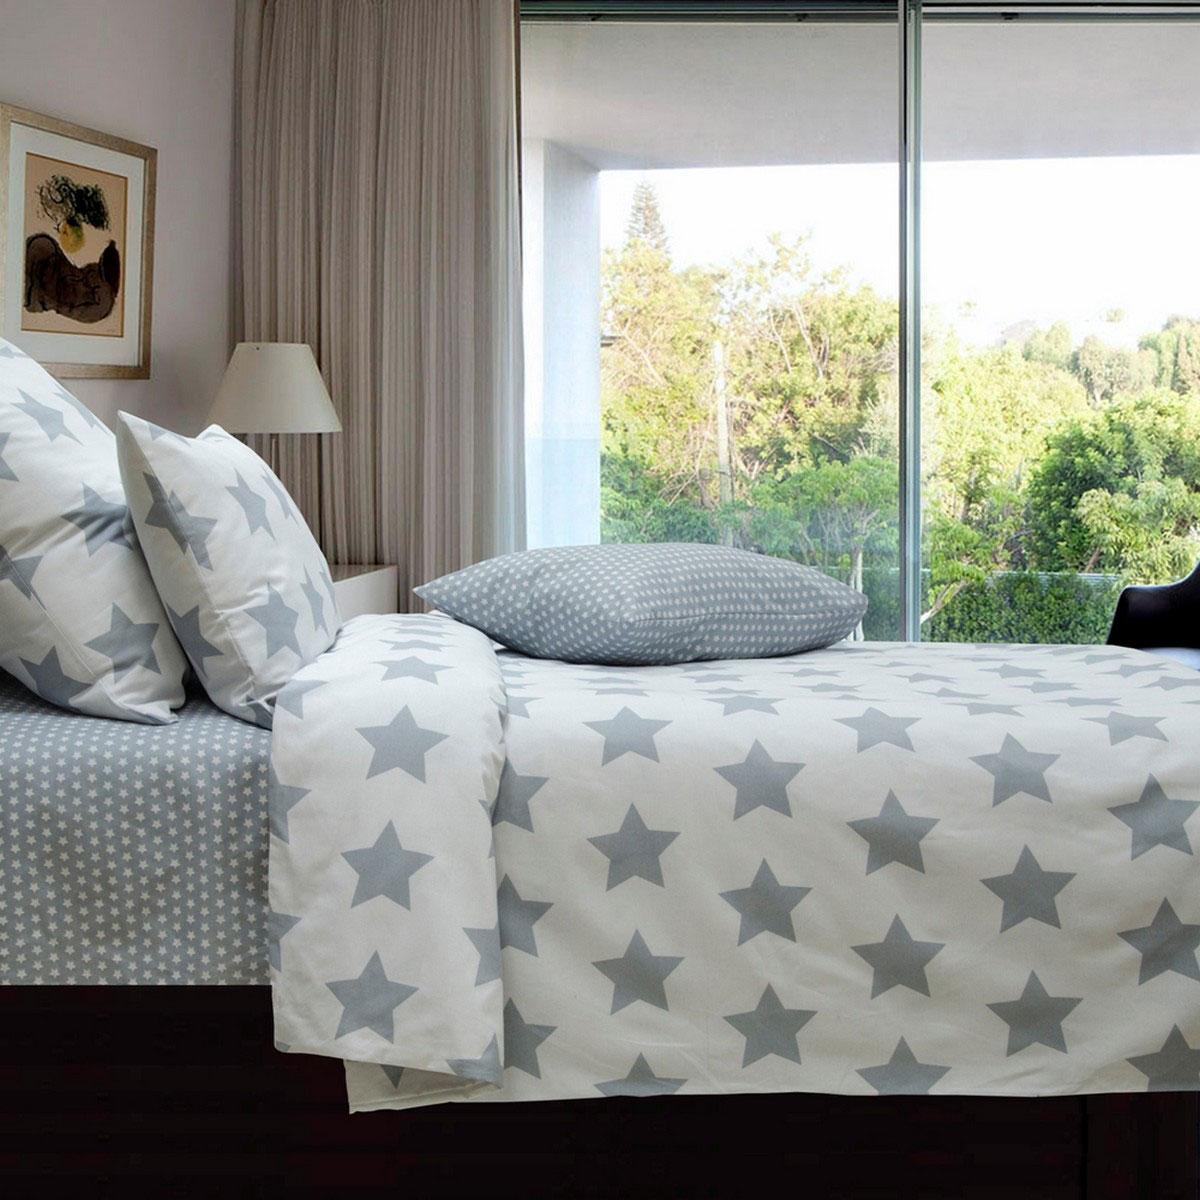 """Комплект постельного белья Коллекция """"Звезды"""" выполнен из  бязи (100% натурального хлопка). Комплект состоит из  пододеяльника, простыни и двух наволочек. Постельное белье оформлено  принтом в виде звезд. Хорошая, качественная бязь всегда ценилась любителями  спокойного и комфортного сна. Гладкая структура делает ткань  приятной на ощупь, мягкой и нежной, при этом она прочная и  хорошо сохраняет форму. Благодаря такому комплекту  постельного белья вы сможете создать атмосферу роскоши и  романтики в вашей спальне."""